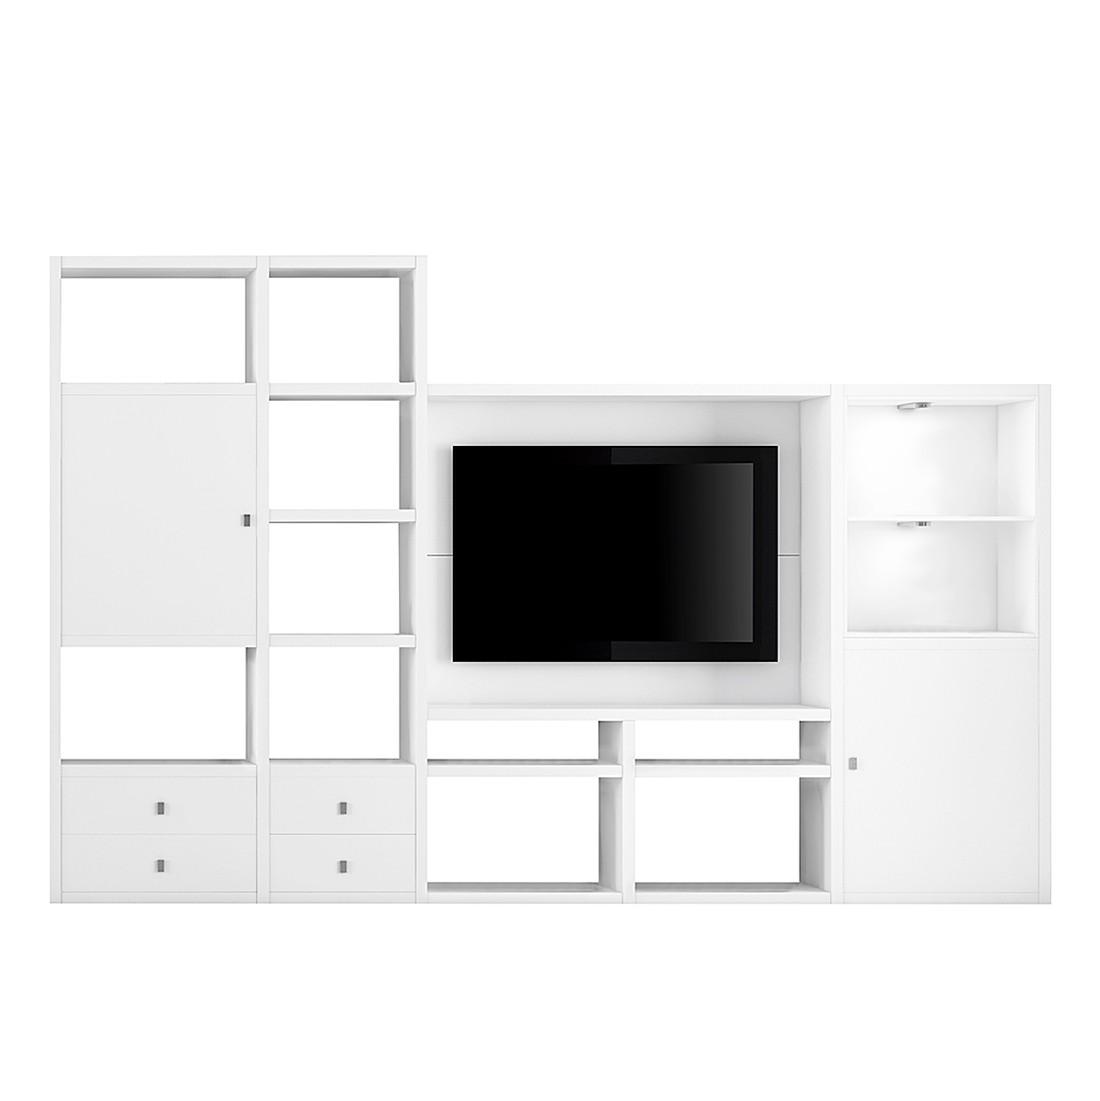 EEK A+, TV-Wand Emporior II - inkl. Beleuchtung - Weiß, loftscape